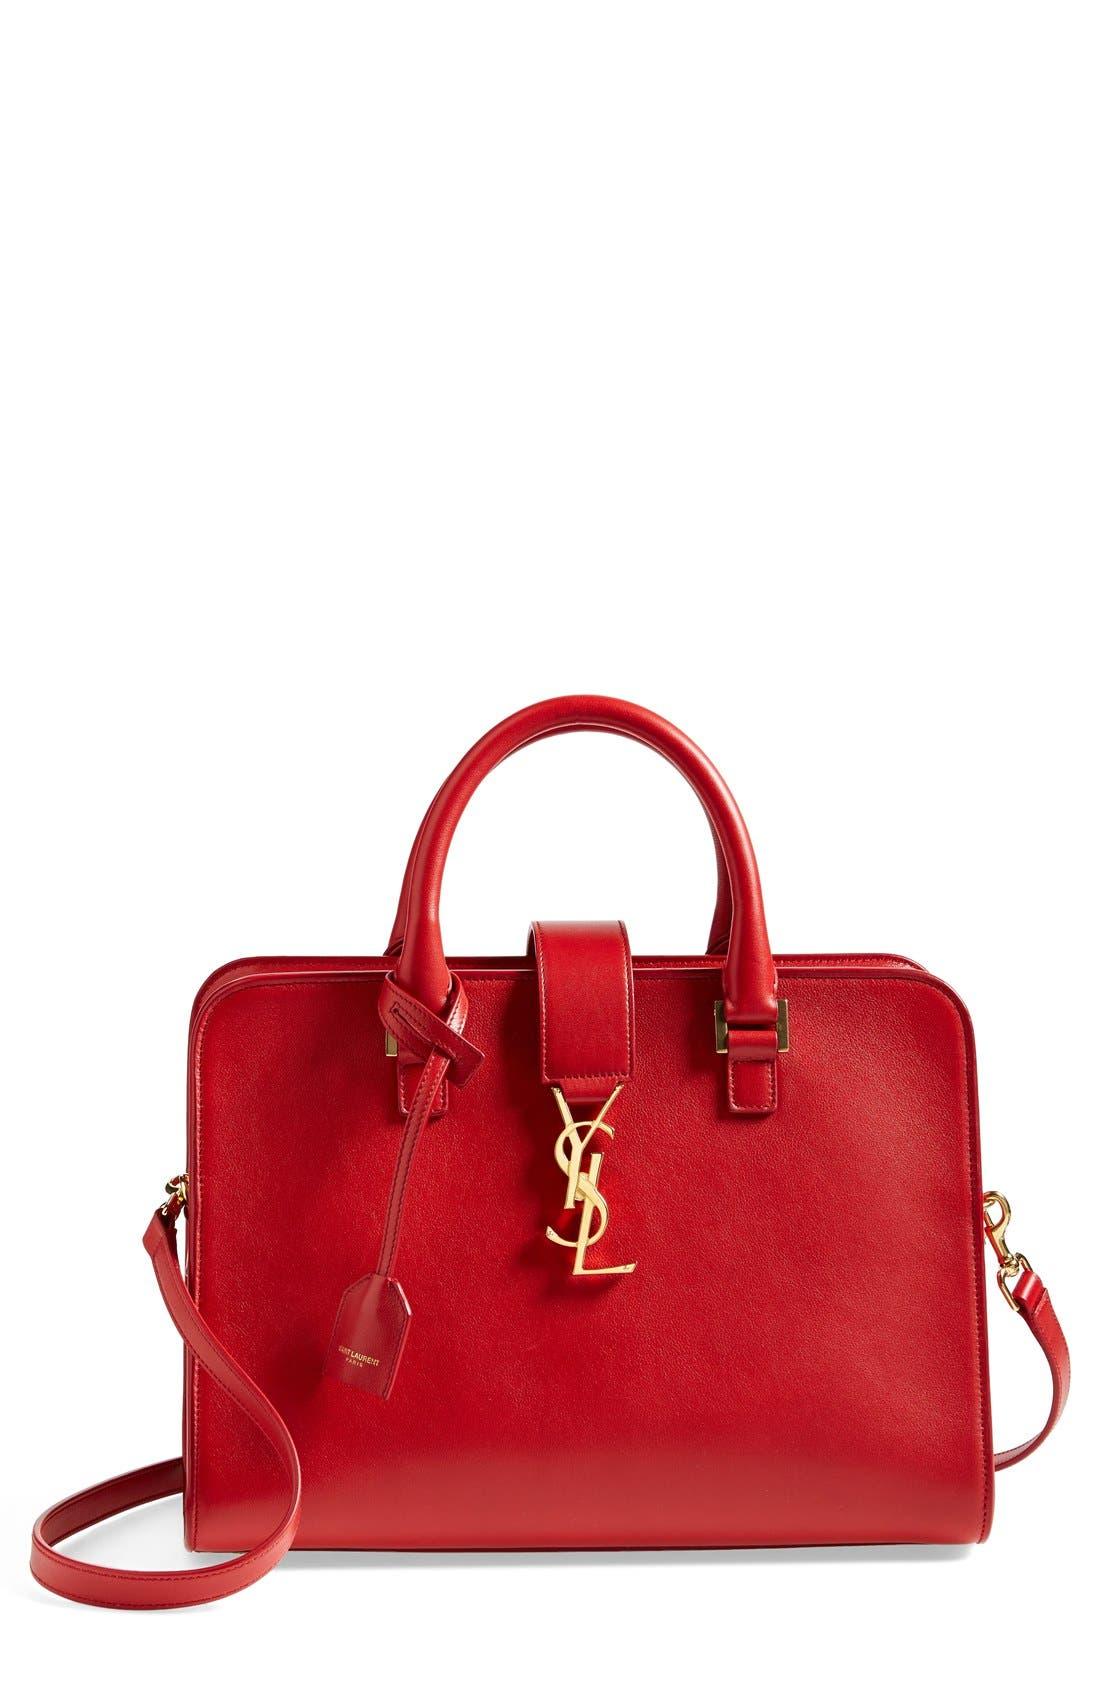 Main Image - Saint Laurent 'Small Cabas' Leather Satchel